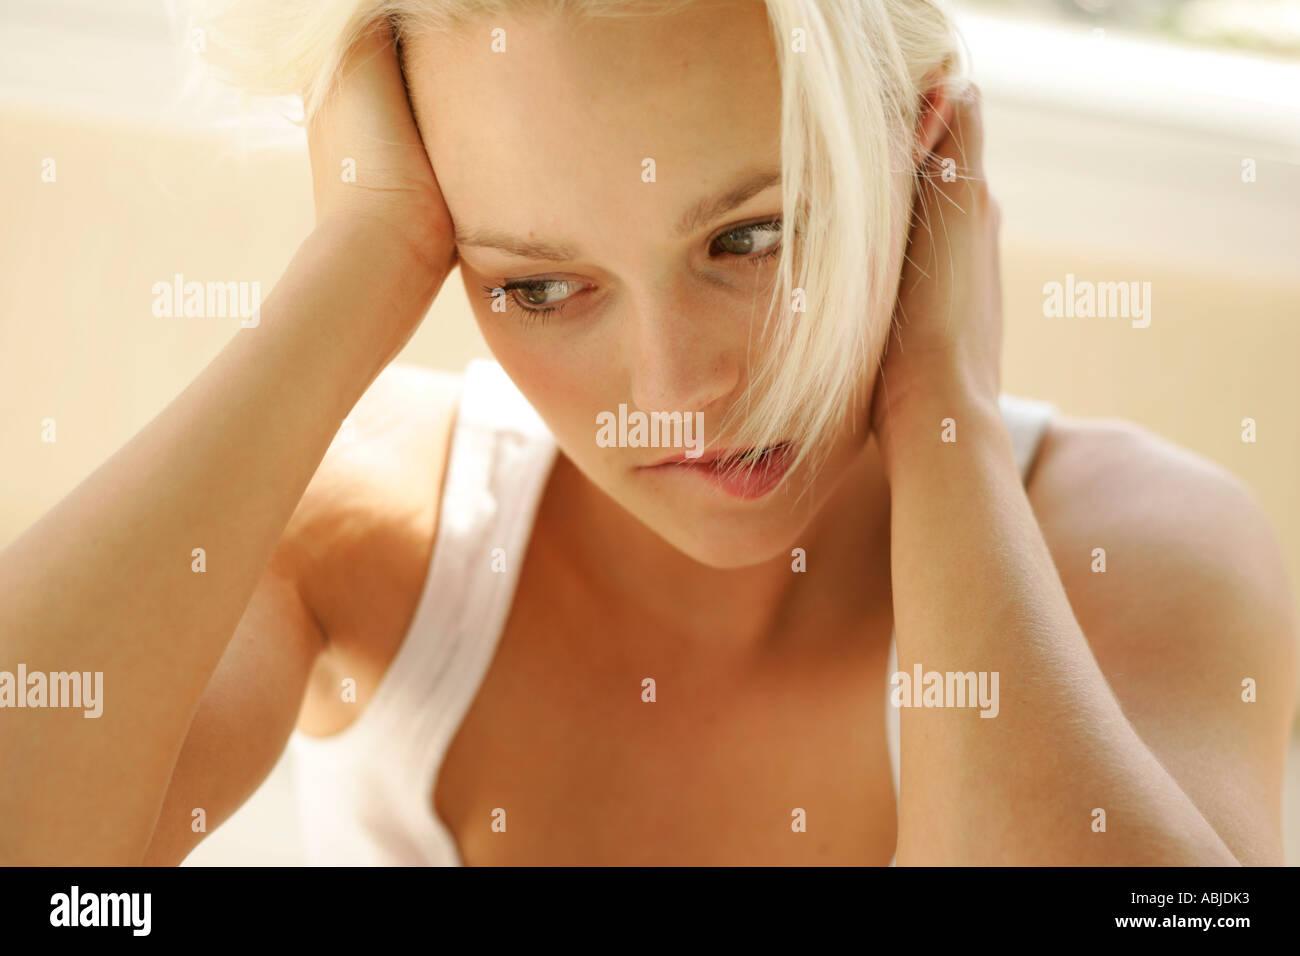 Worried girl - Stock Image